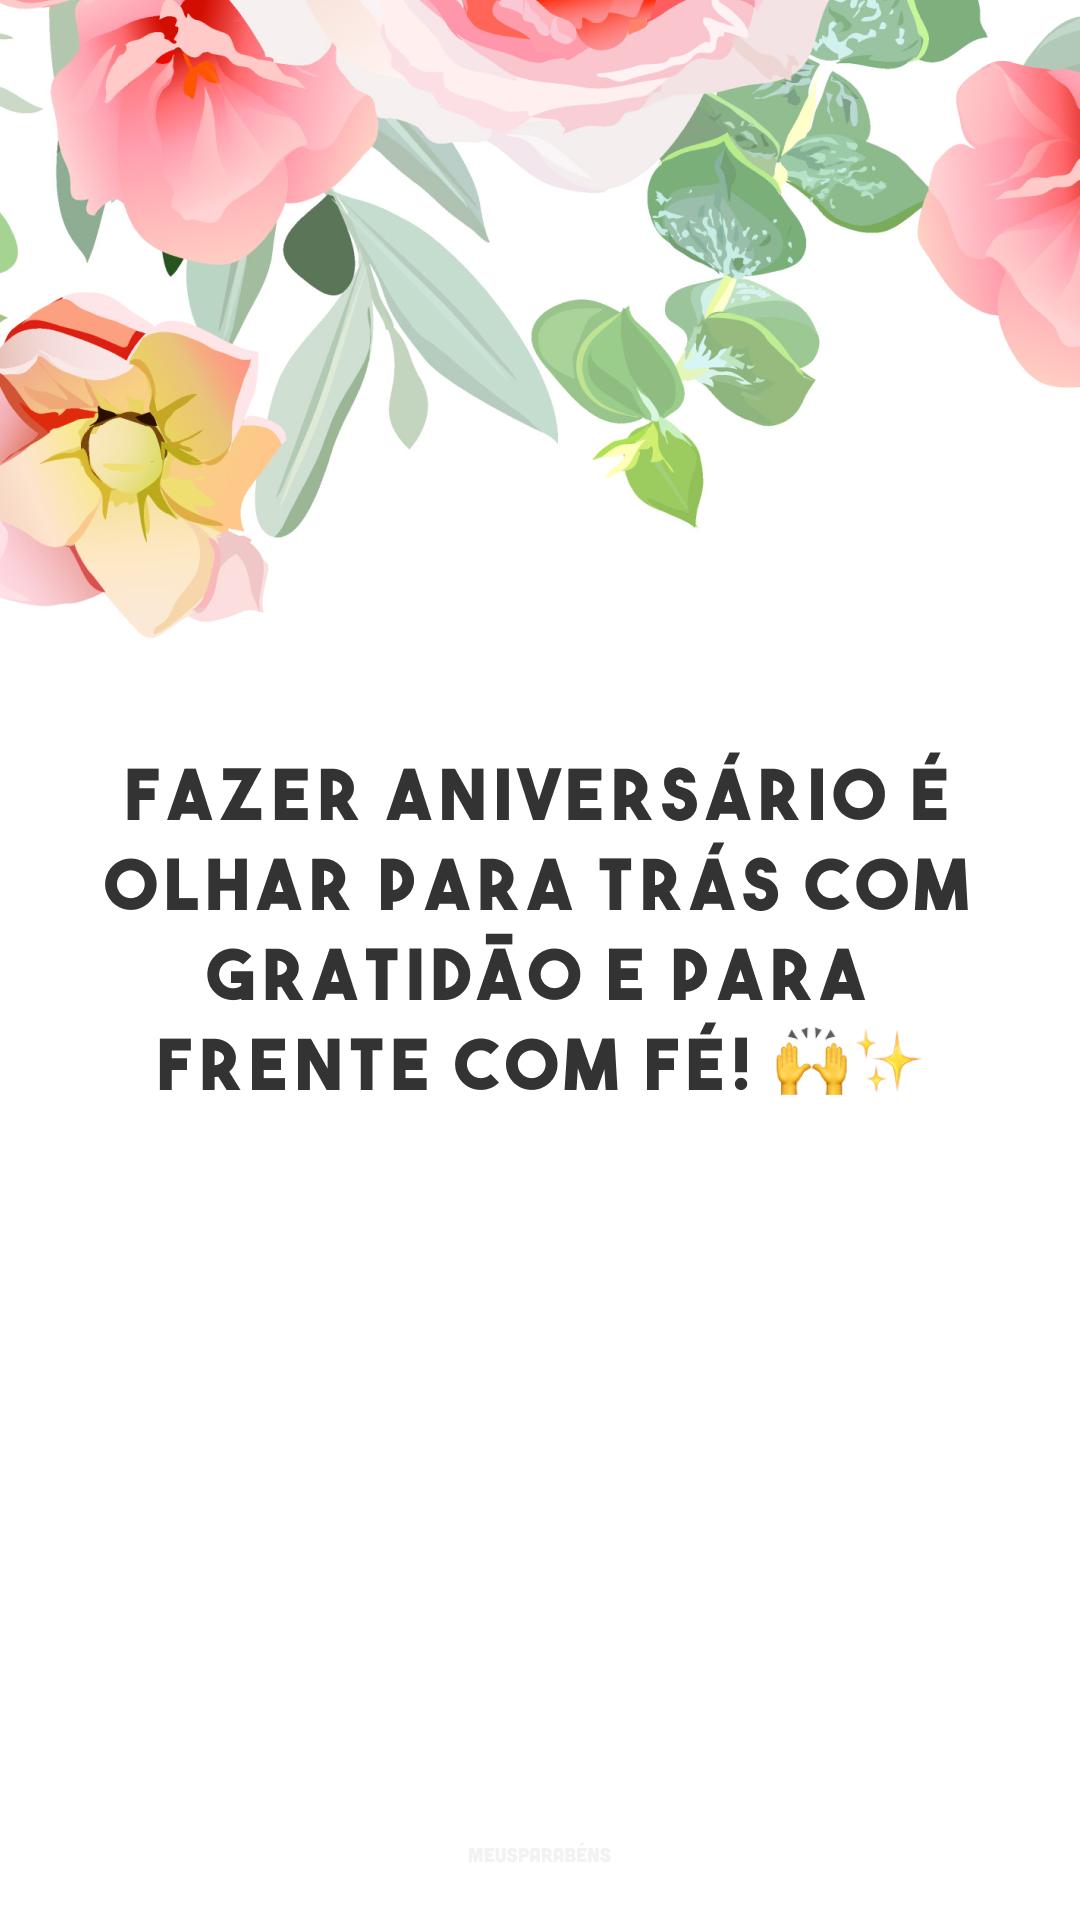 Fazer aniversário é olhar para trás com gratidão e para frente com fé! ?✨